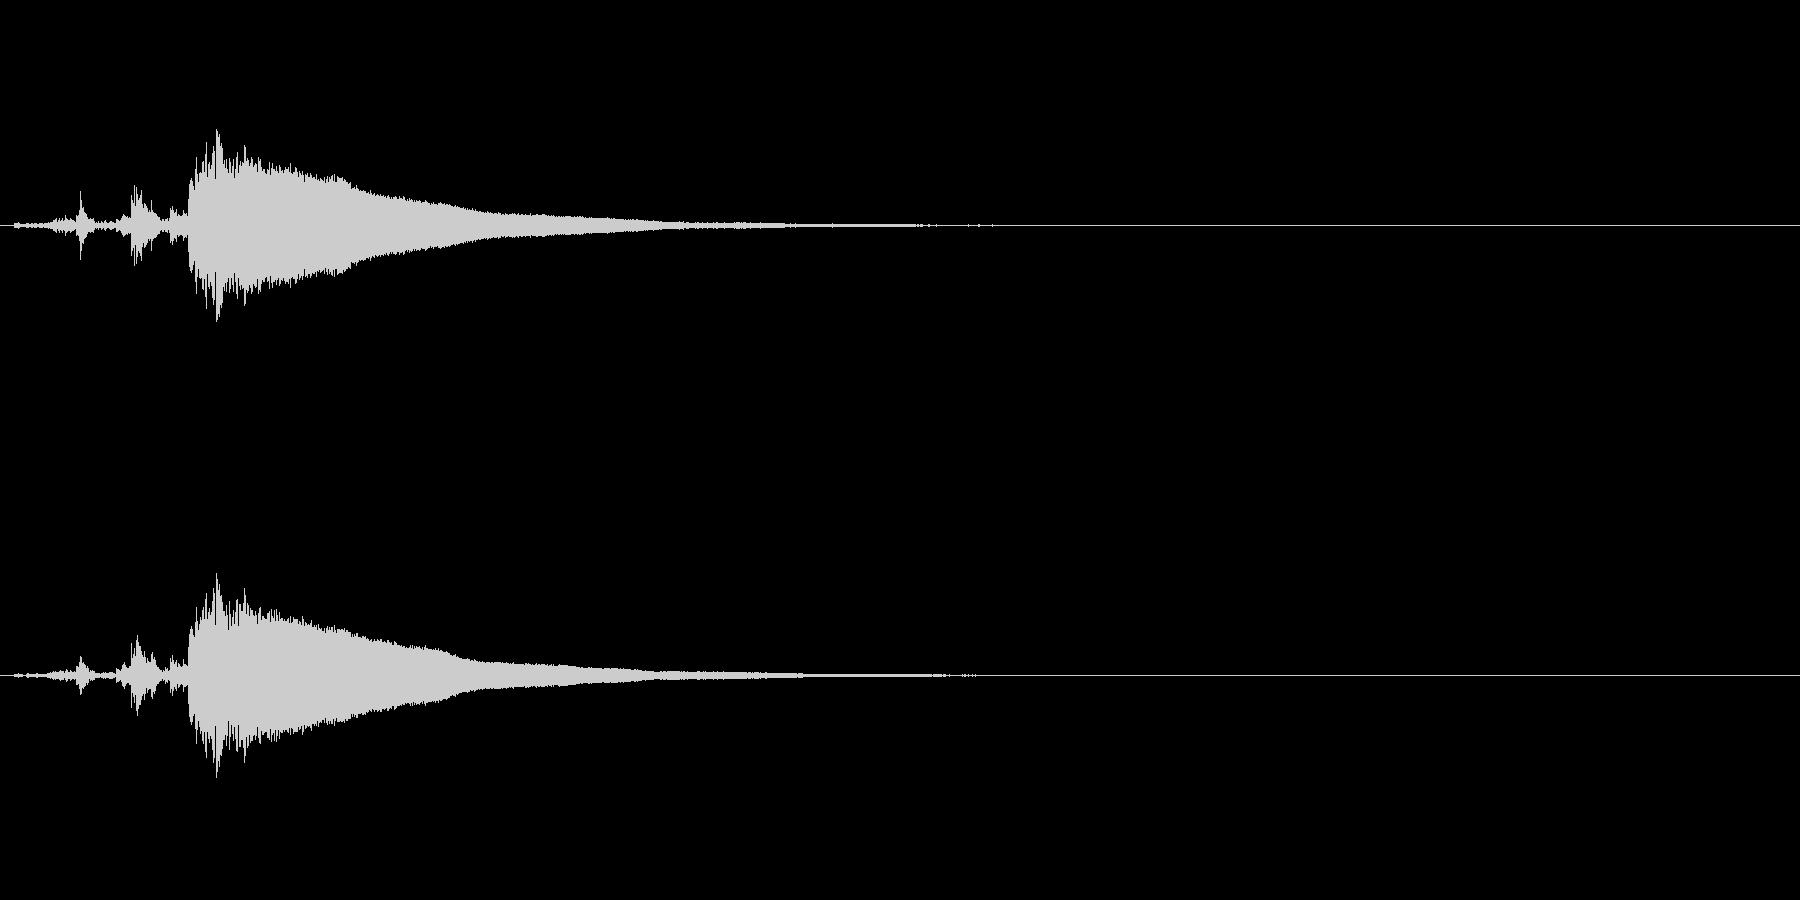 お値段発表・昔のレジ「チャキーン」の未再生の波形